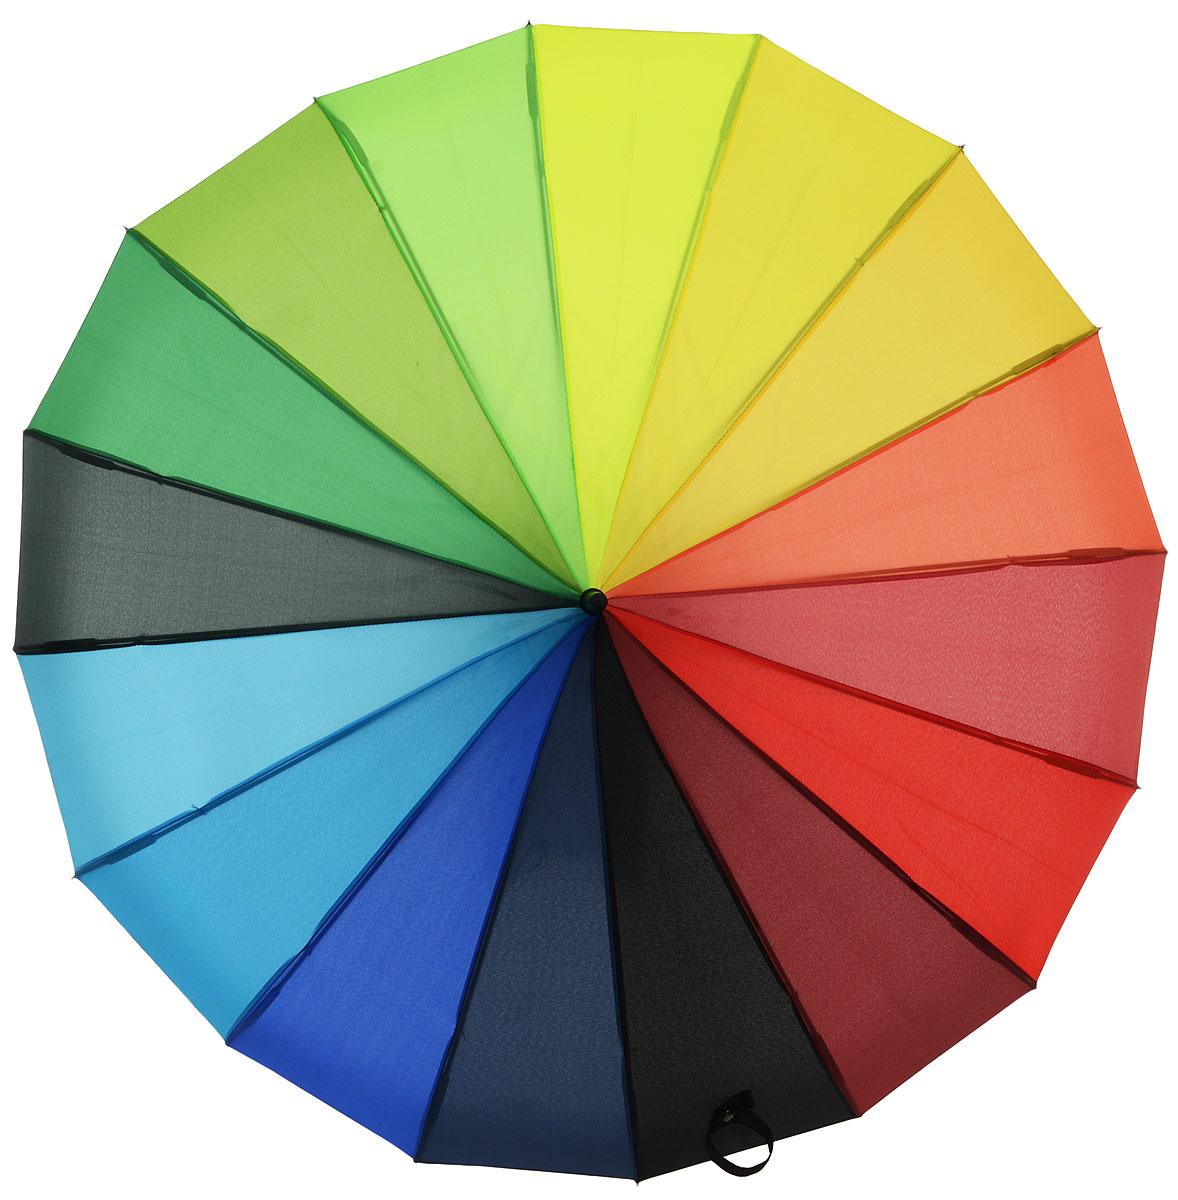 Зонт-трость женский Flioraj Радуга, механика, цвет: мультиколор. 121200-1K50K503414_0010Яркий и оригинальный зонт Flioraj не оставит вас без внимания. Зонт состоит из 16 спиц и прочного стержня, изготовленных из анодированной стали. Купол зонта изготовленный из качественного полиэстера, выполнен в необычной форме. Зонт оснащен ручкой из матового пластика.Изделие имеет механический способ сложения: и купол, и стержень открываются и закрываются вручную до характерного щелчка. Зонт закрывается хлястиком на кнопку.Такой зонт не только надежно защитит вас от дождя, но и станет стильным аксессуаром, который идеально подчеркнет ваш неповторимый образ. Такой оригинальный зонт с насыщенными цветами поднимет настроение не только вам, но и окружающим.